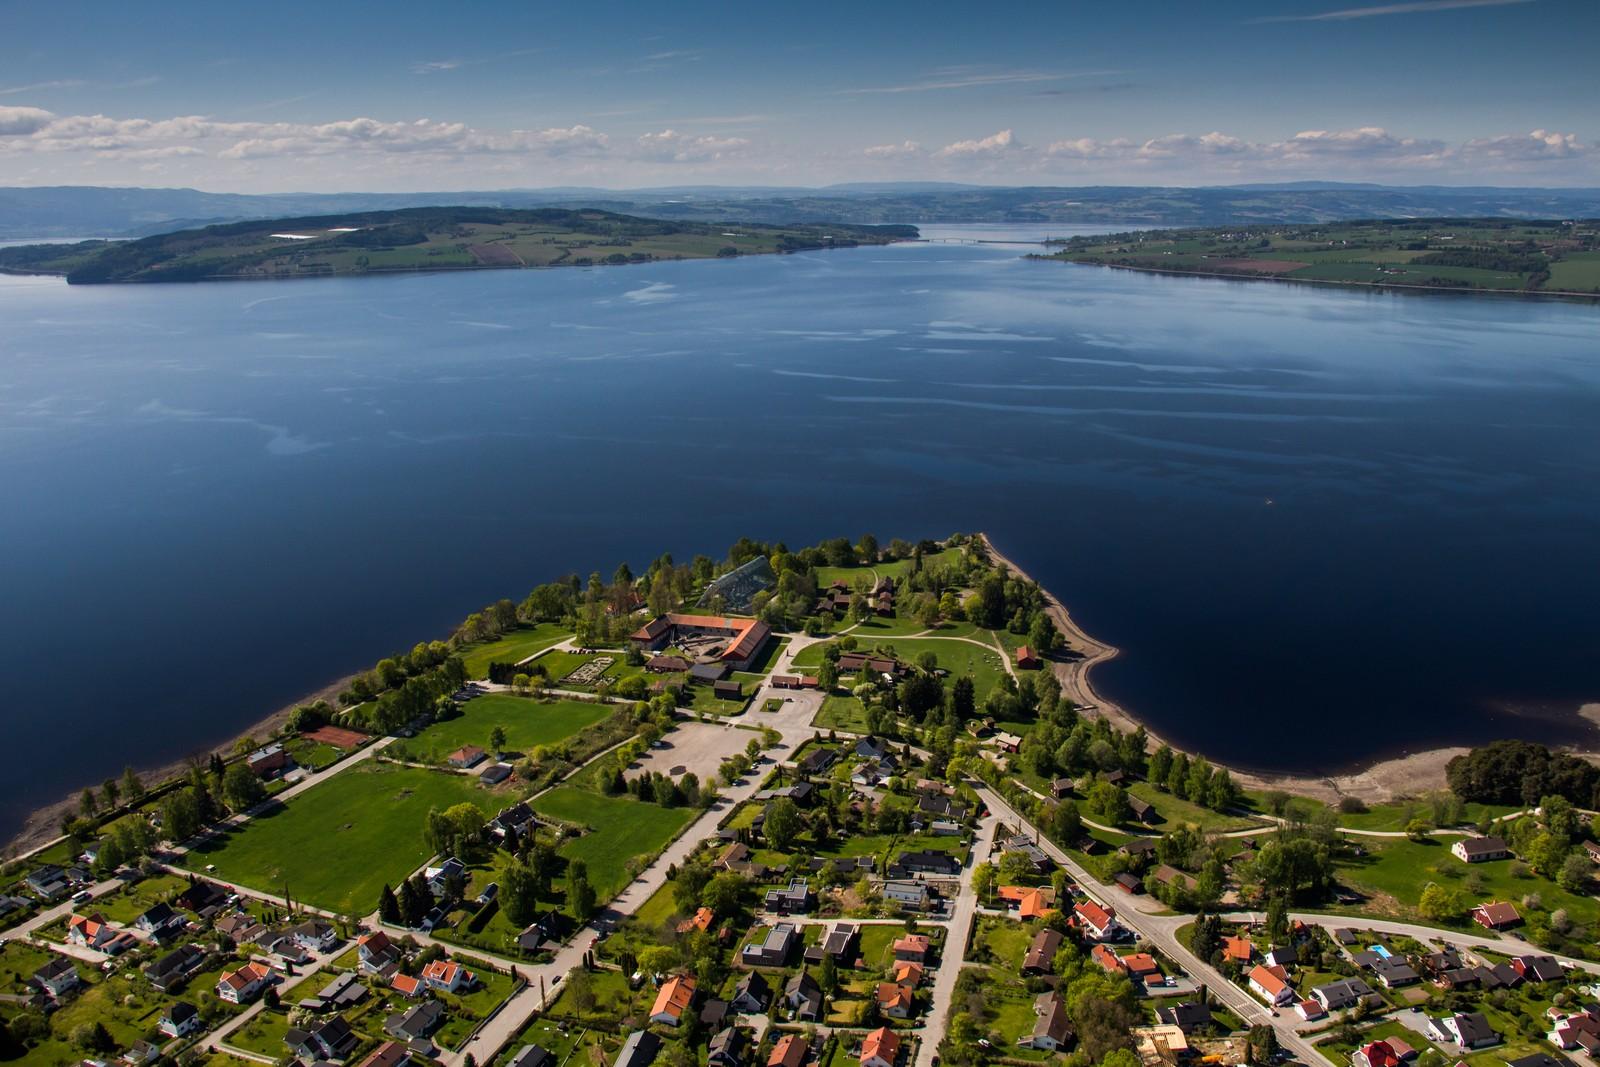 Domkirkeodden i Hedmark